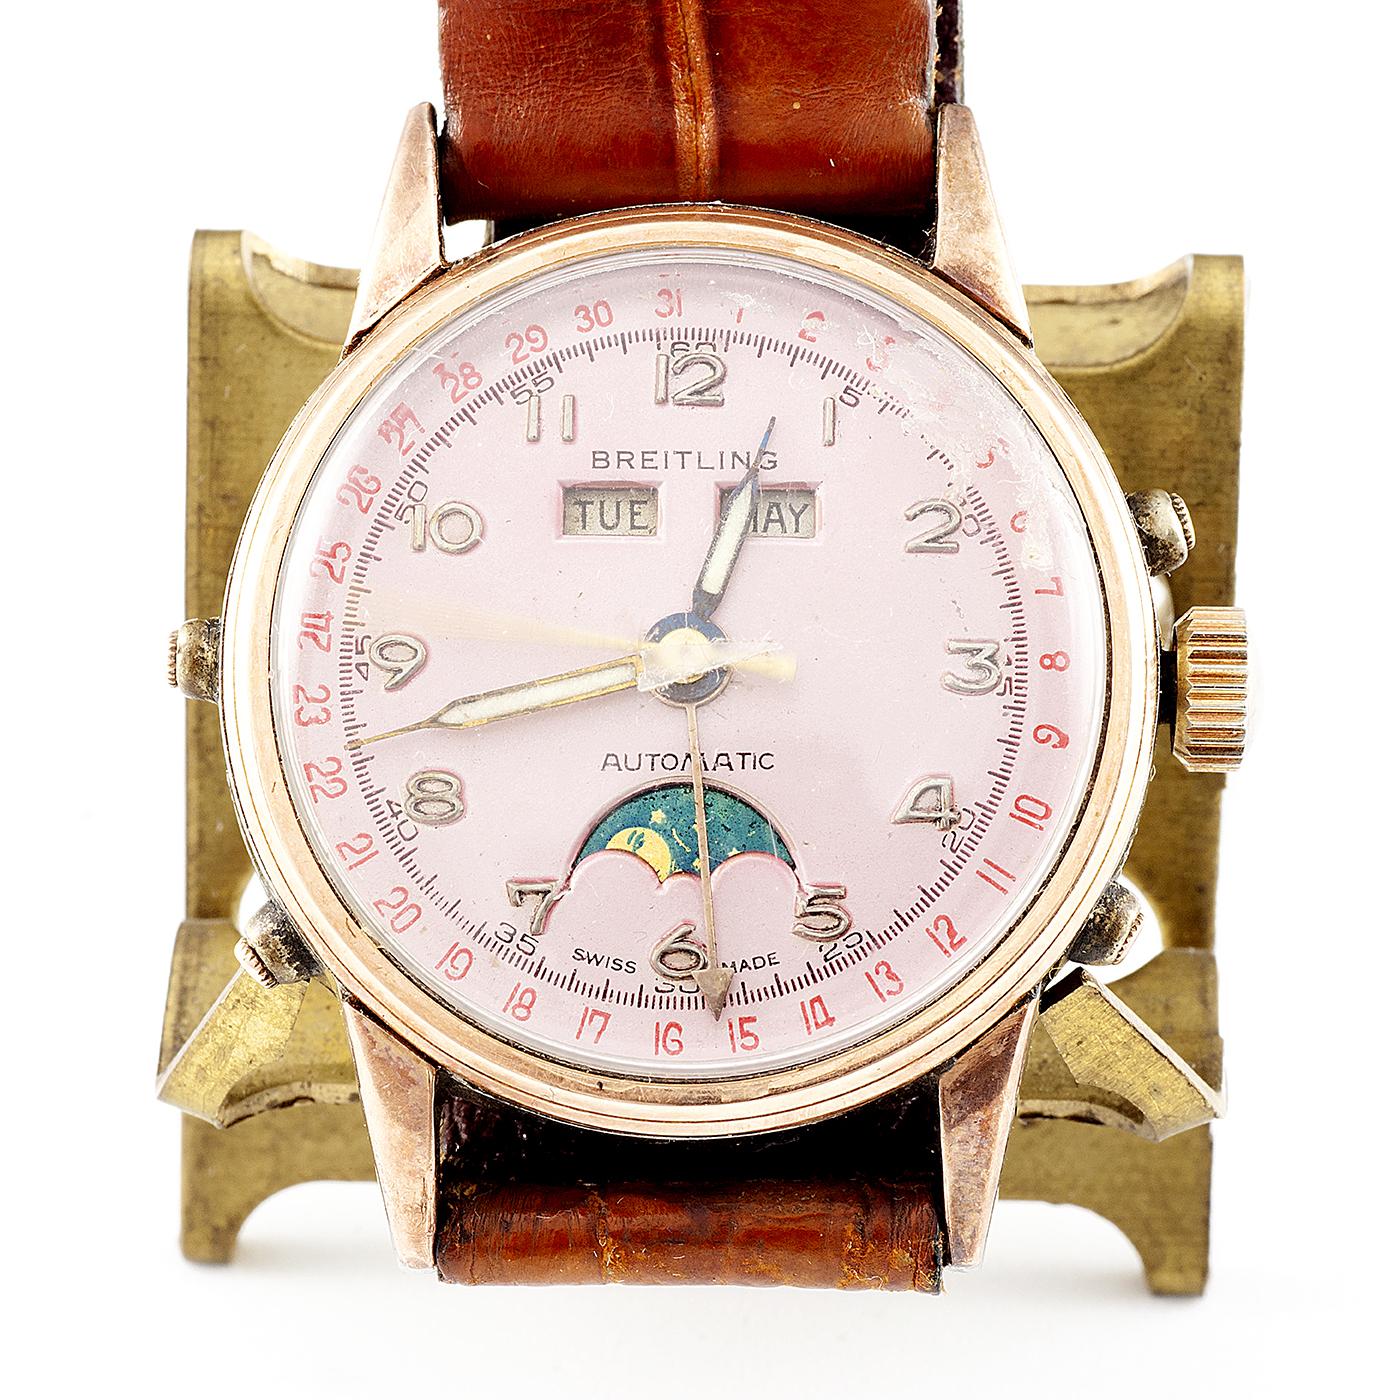 BREITLING. Reloj Automático de pulsera, calendario y multifunción. Acerp y GoldFilled. Suiza, ca. 1960.